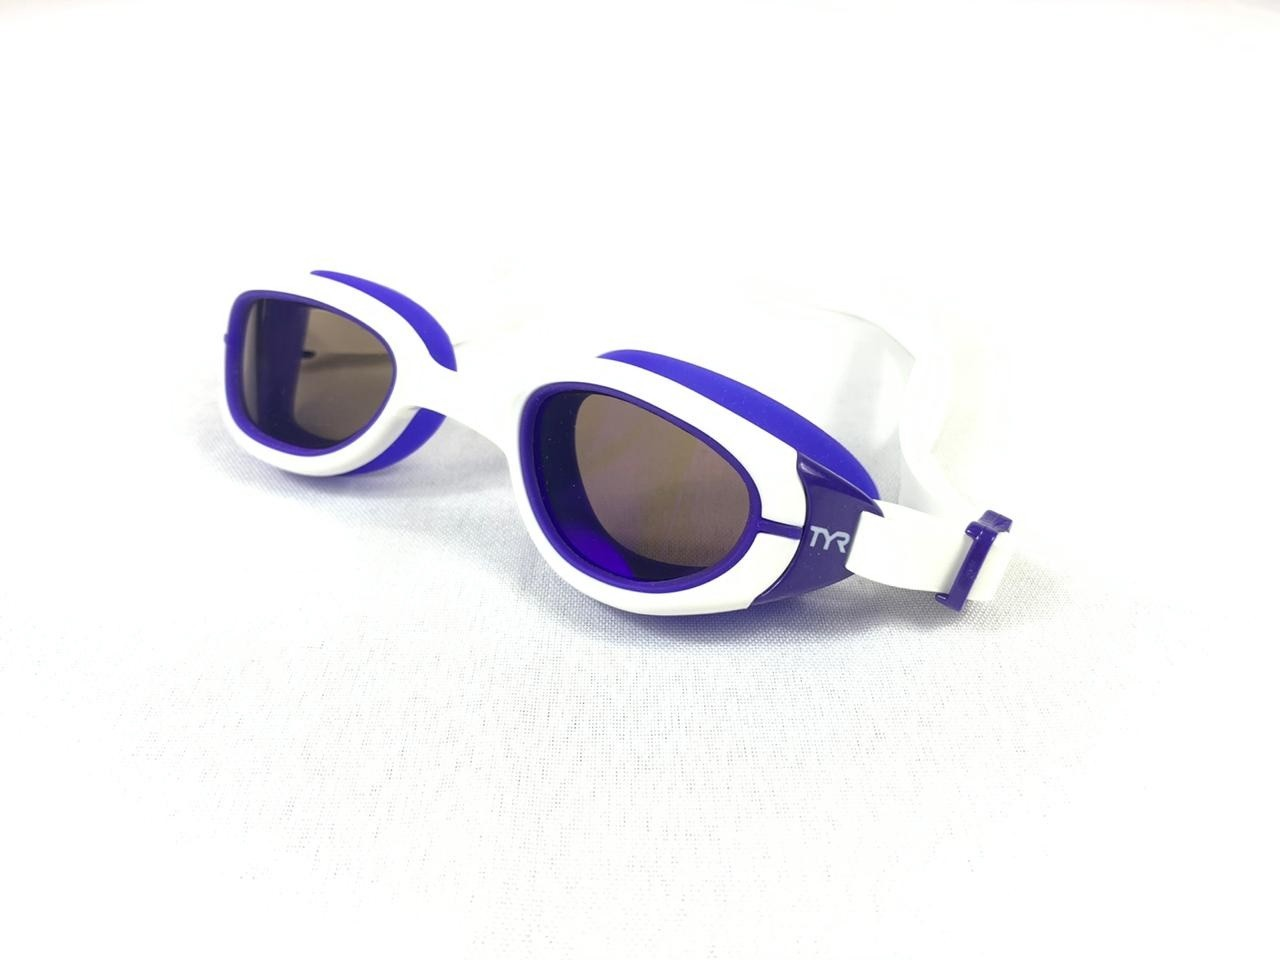 Óculos Natação Tyr Special Ops 2.0 Small Branco e Azul